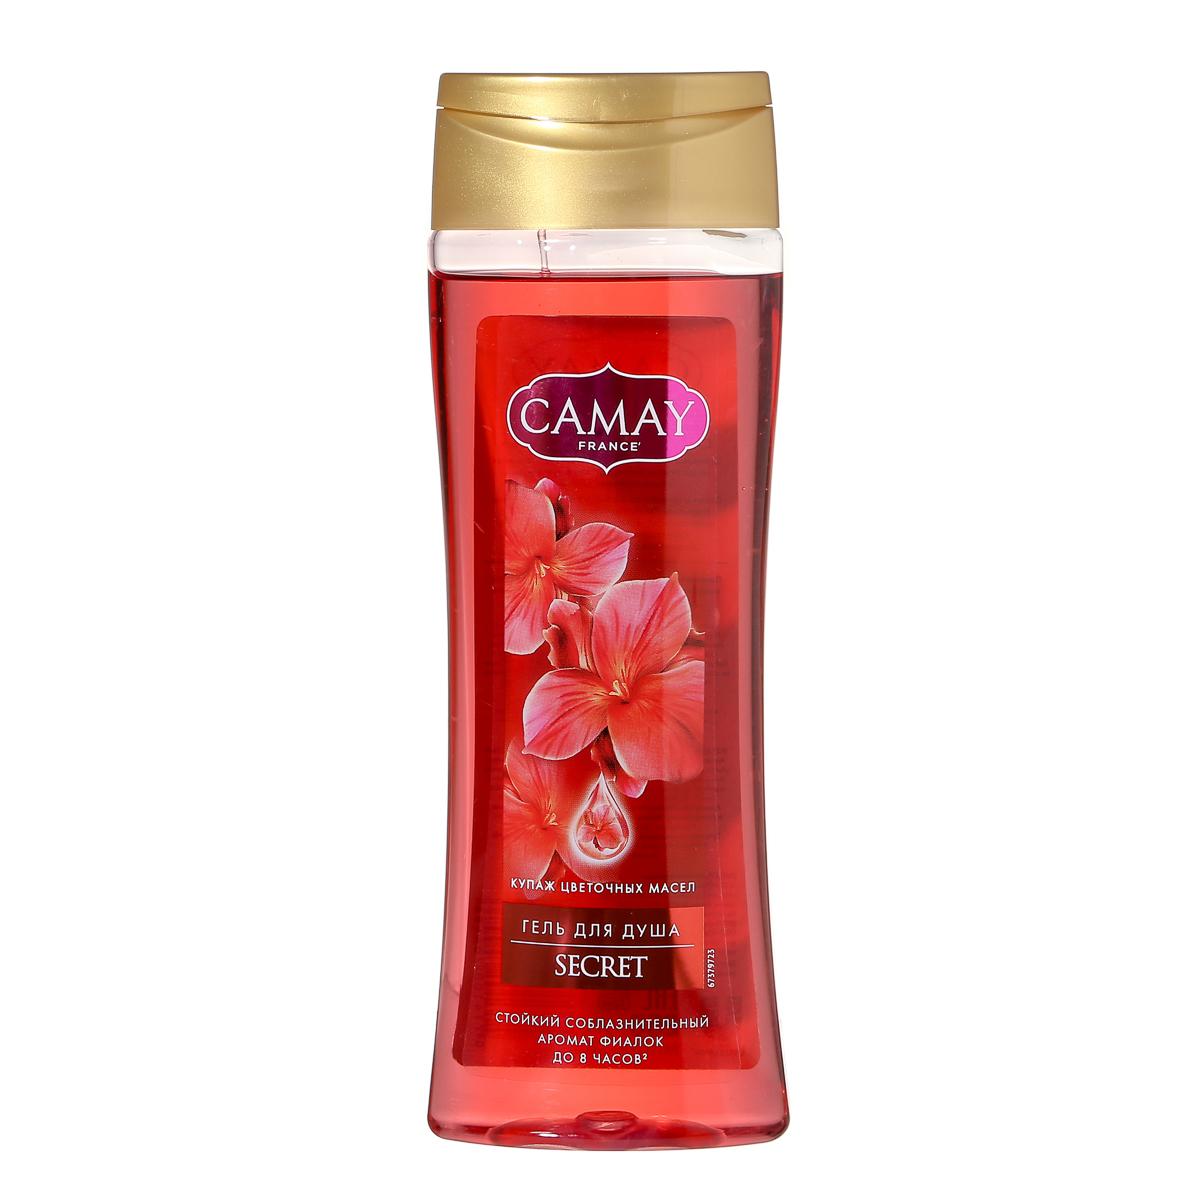 CAMAY Гель для душа Тайное блаженство 250 мл (CAMAY, Длительные ароматы)